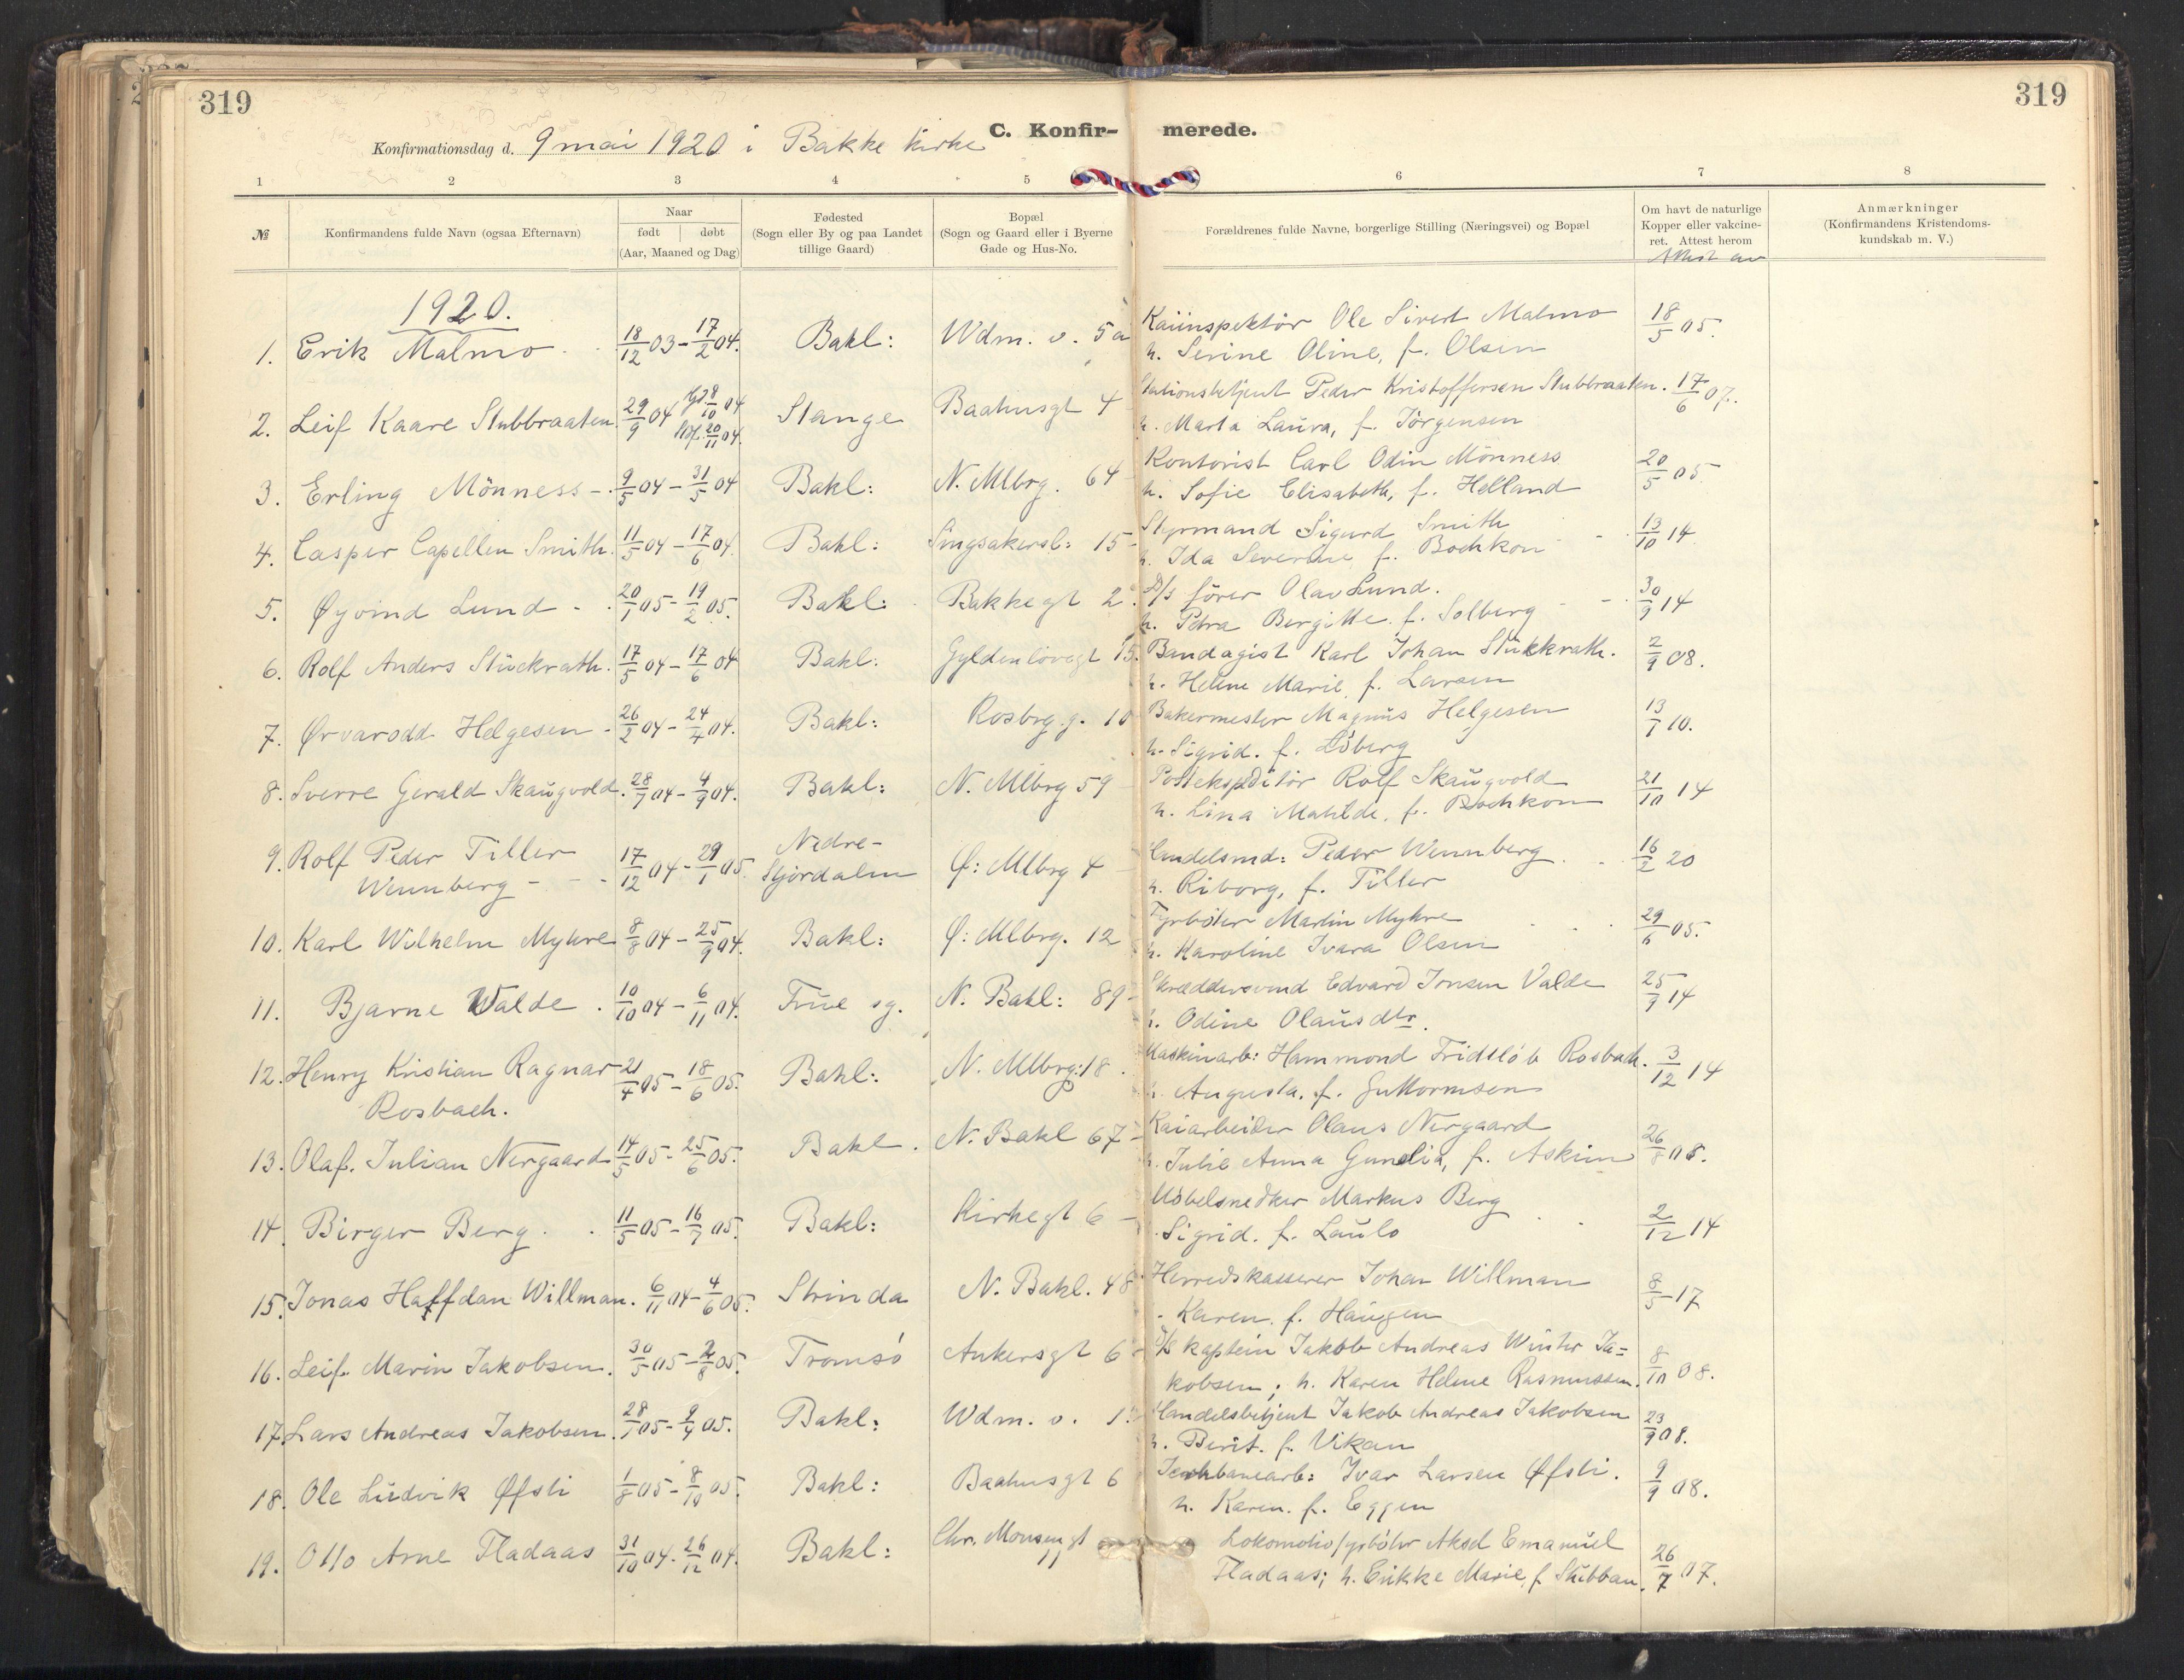 SAT, Ministerialprotokoller, klokkerbøker og fødselsregistre - Sør-Trøndelag, 604/L0205: Ministerialbok nr. 604A25, 1917-1932, s. 319